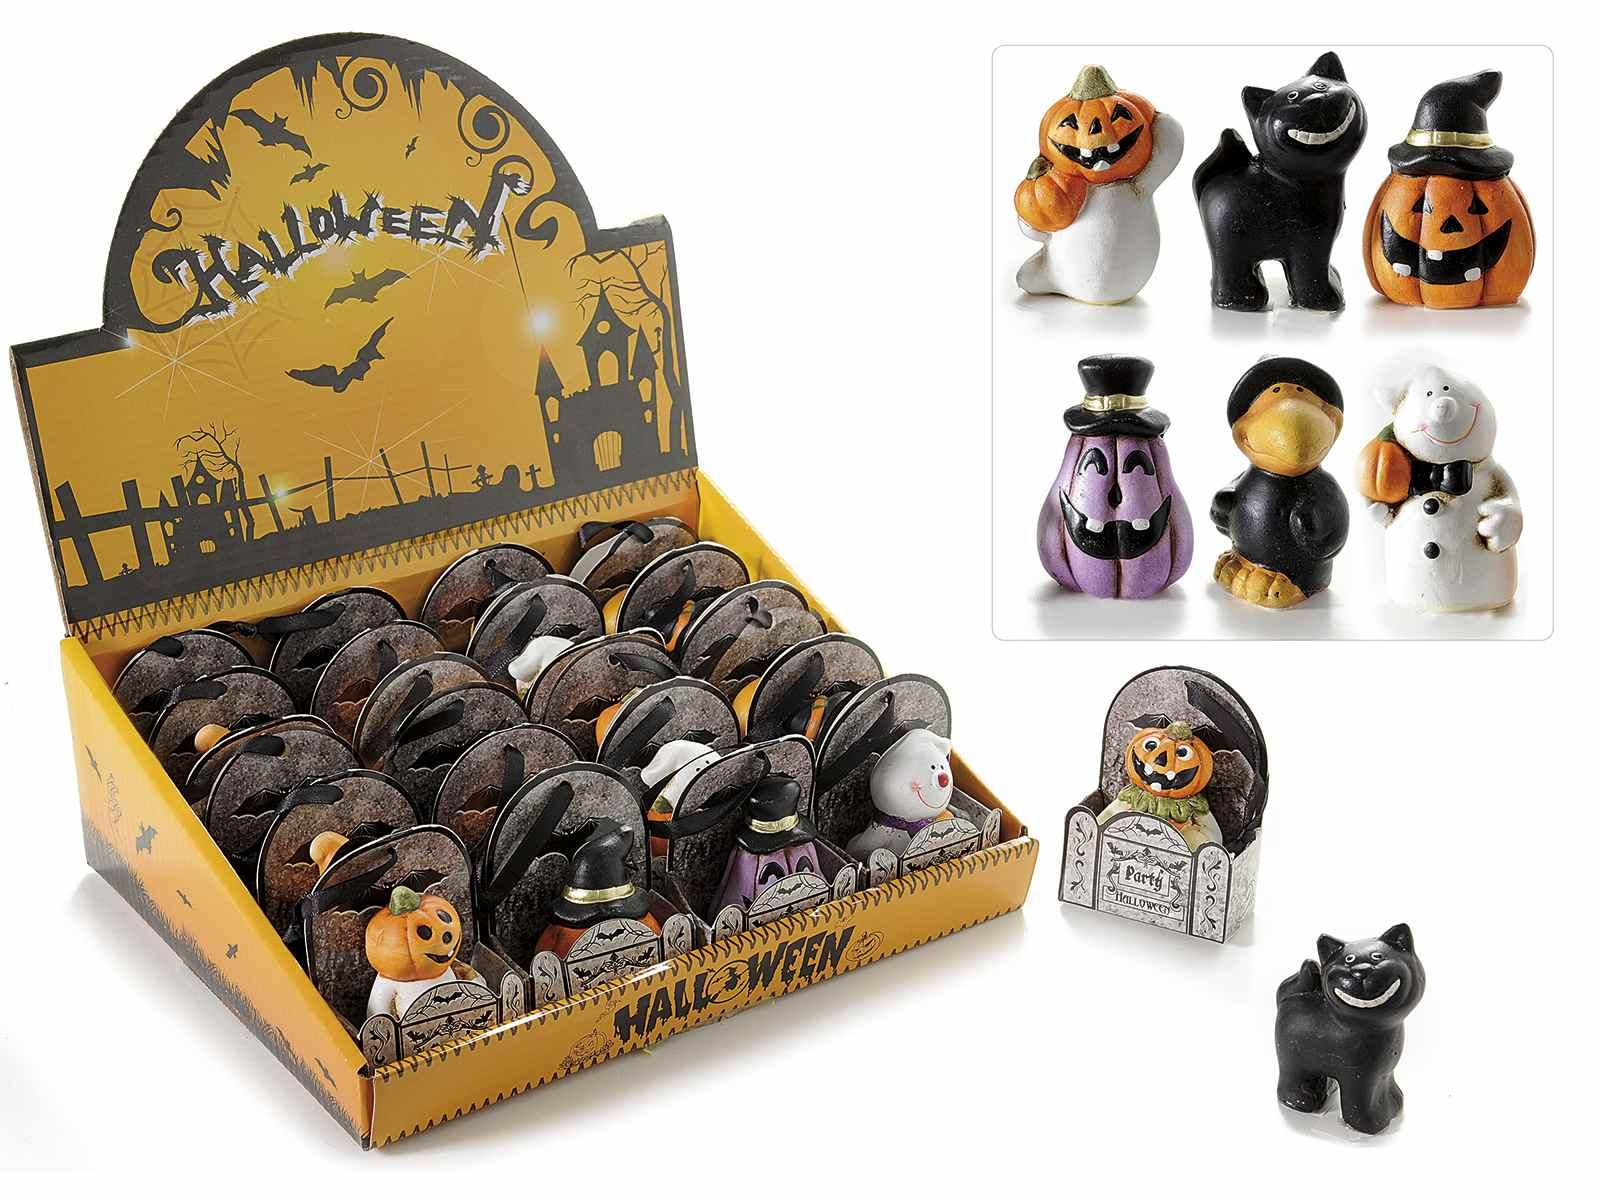 espo con decoraciones de halloween en ceramica - Decoraciones De Halloween